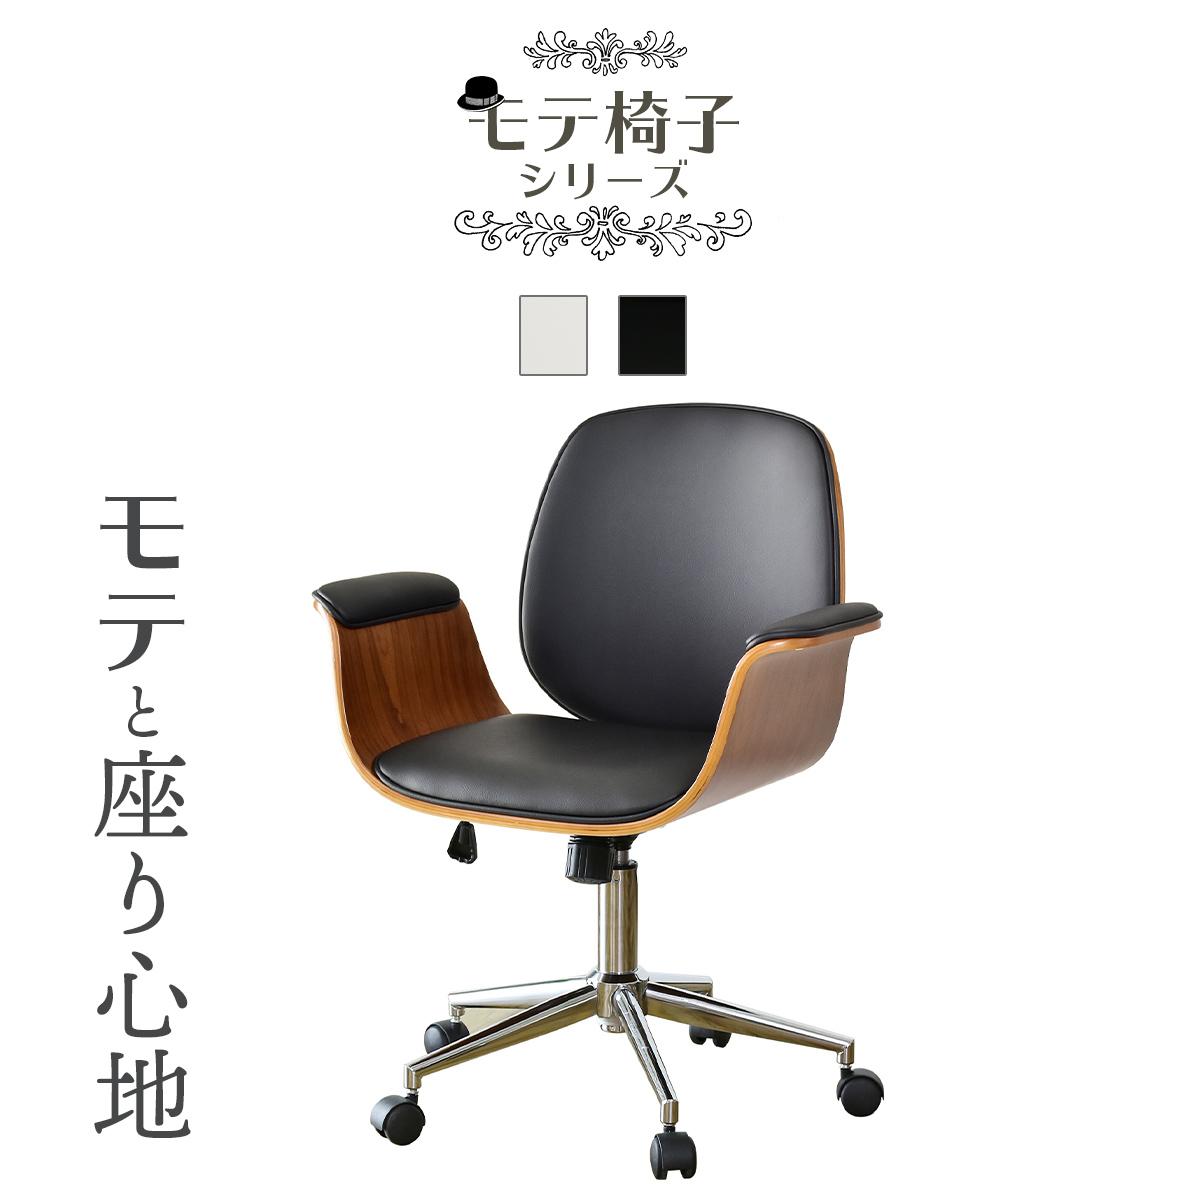 チェア 人気ブランド キャスター付き 木目 おしゃれ 北欧 チェアー イス 25%OFF 椅子 いす ダイニング デザイナーズ デザイナーズチェア 在宅勤務 12時 ドリス ベレ テレワーク クーポン10% 8 24時 7 - 送料無料